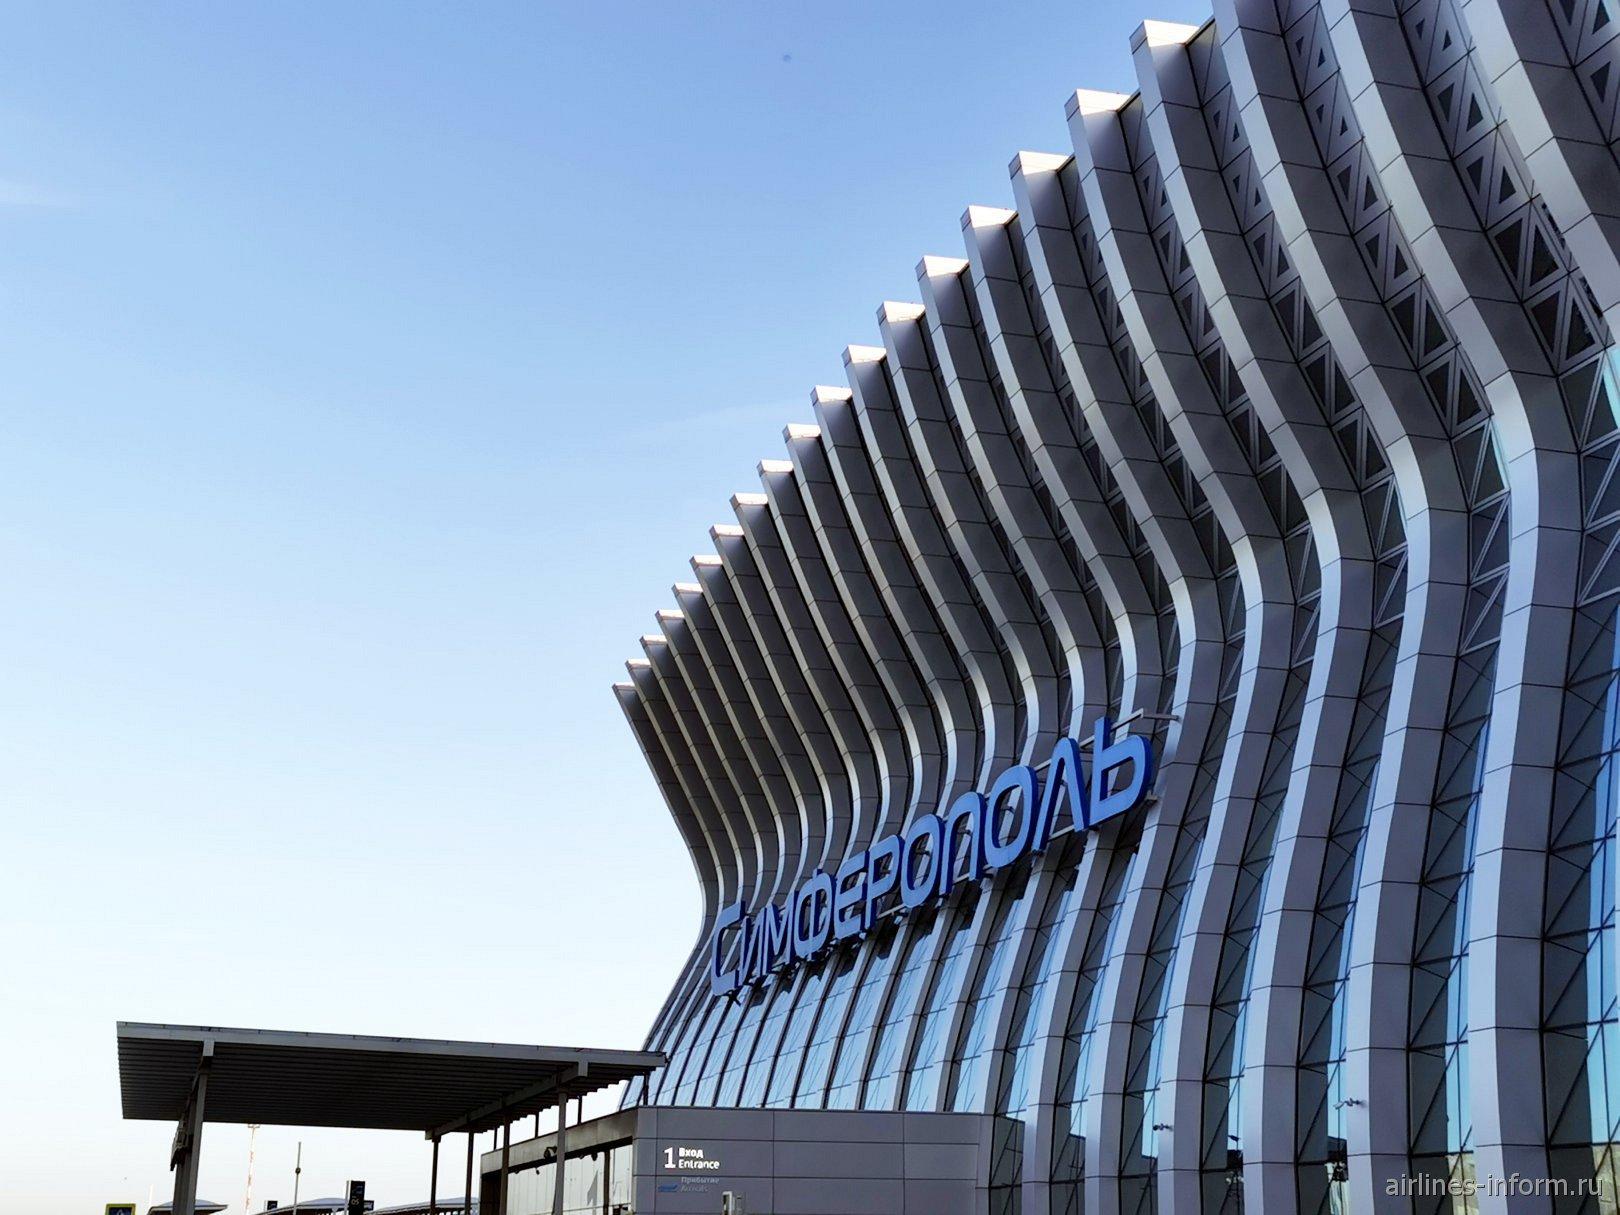 Аэропорт Симферополь - дизайн терминала в стиле